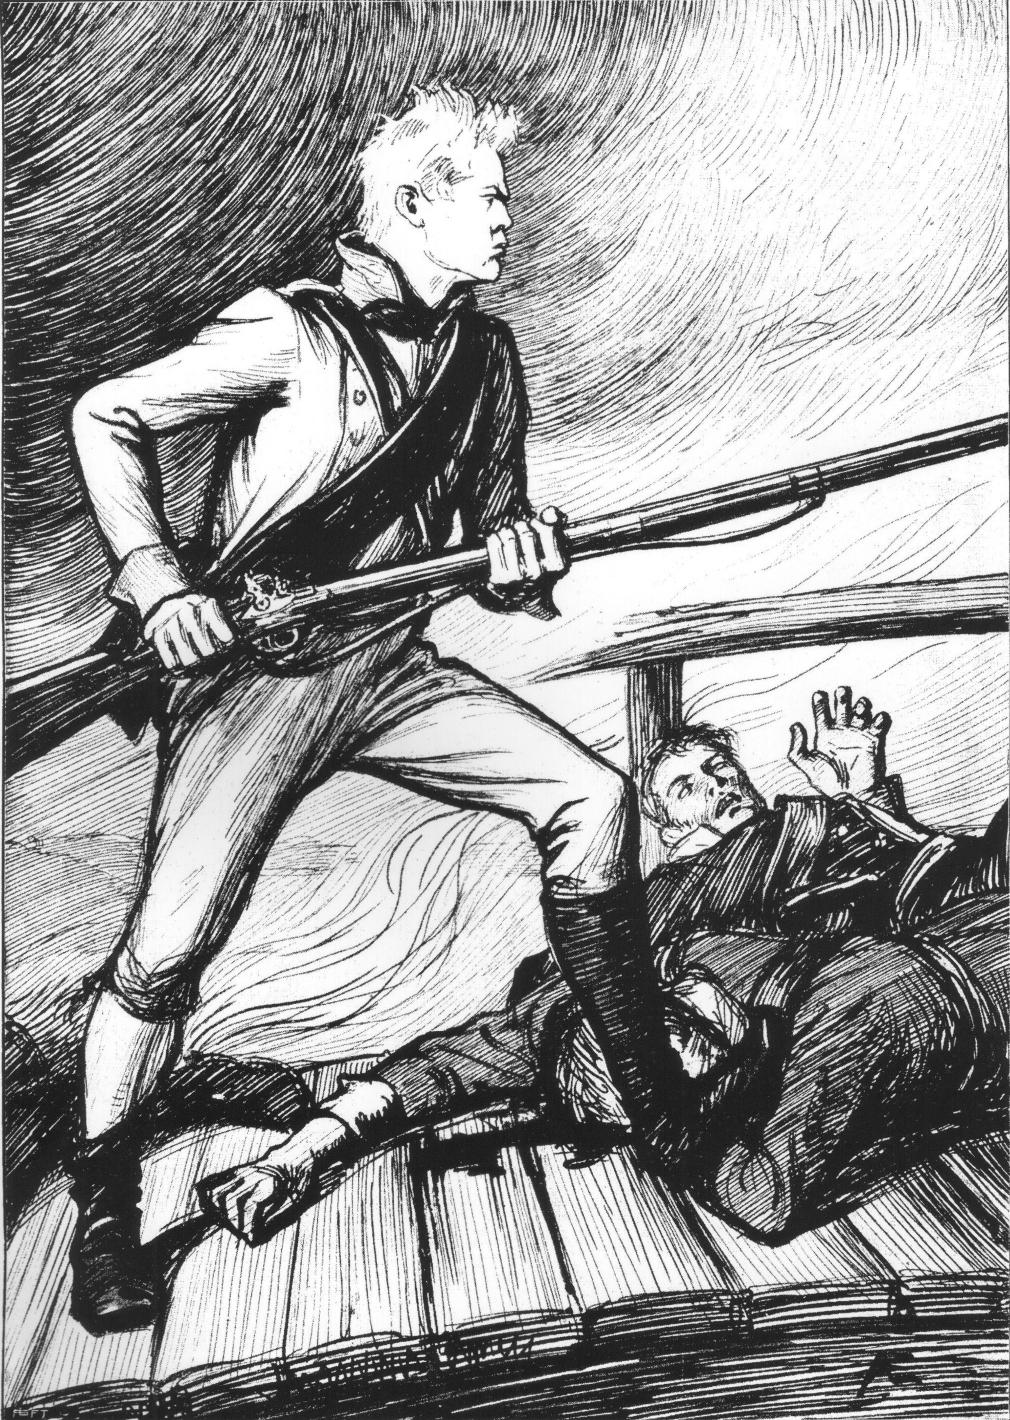 Runeberg skrev och Albert Edelfelt ritade den populära soldaten Sven Duva, som inte släppte någon över bron.